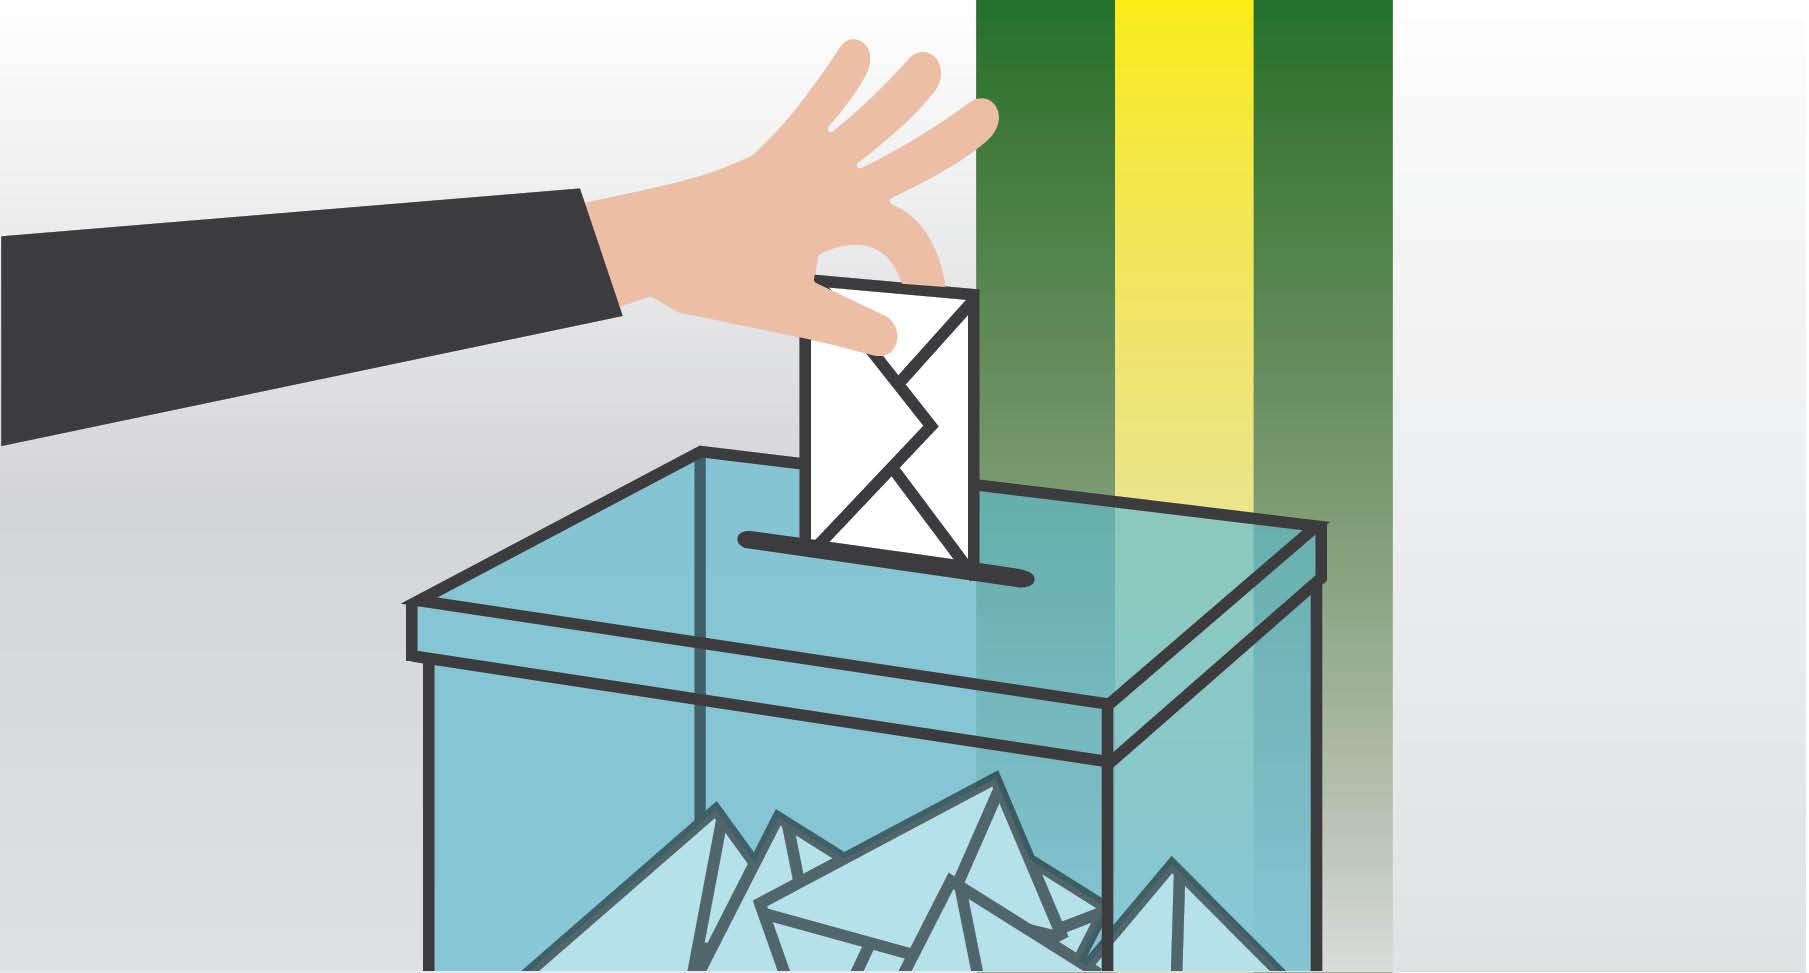 Gairebé 155.000 persones podran votar en les eleccions municipals i europees del diumenge 26 de maig